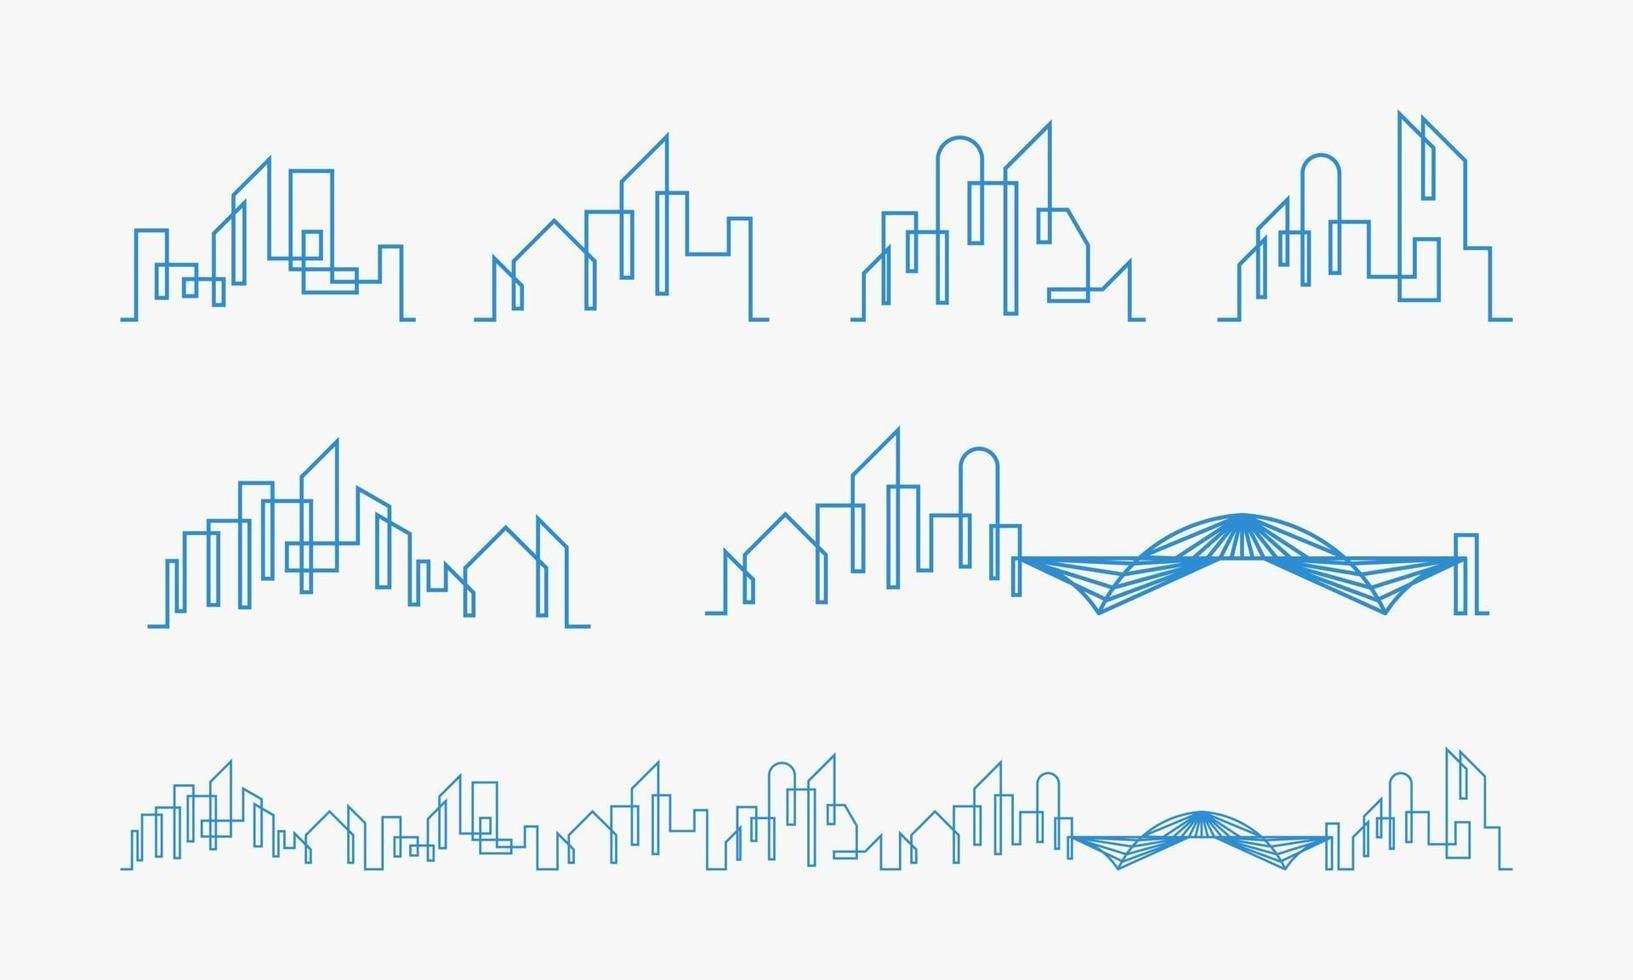 uppsättning av stadens silhuett linje konst koncept vektor